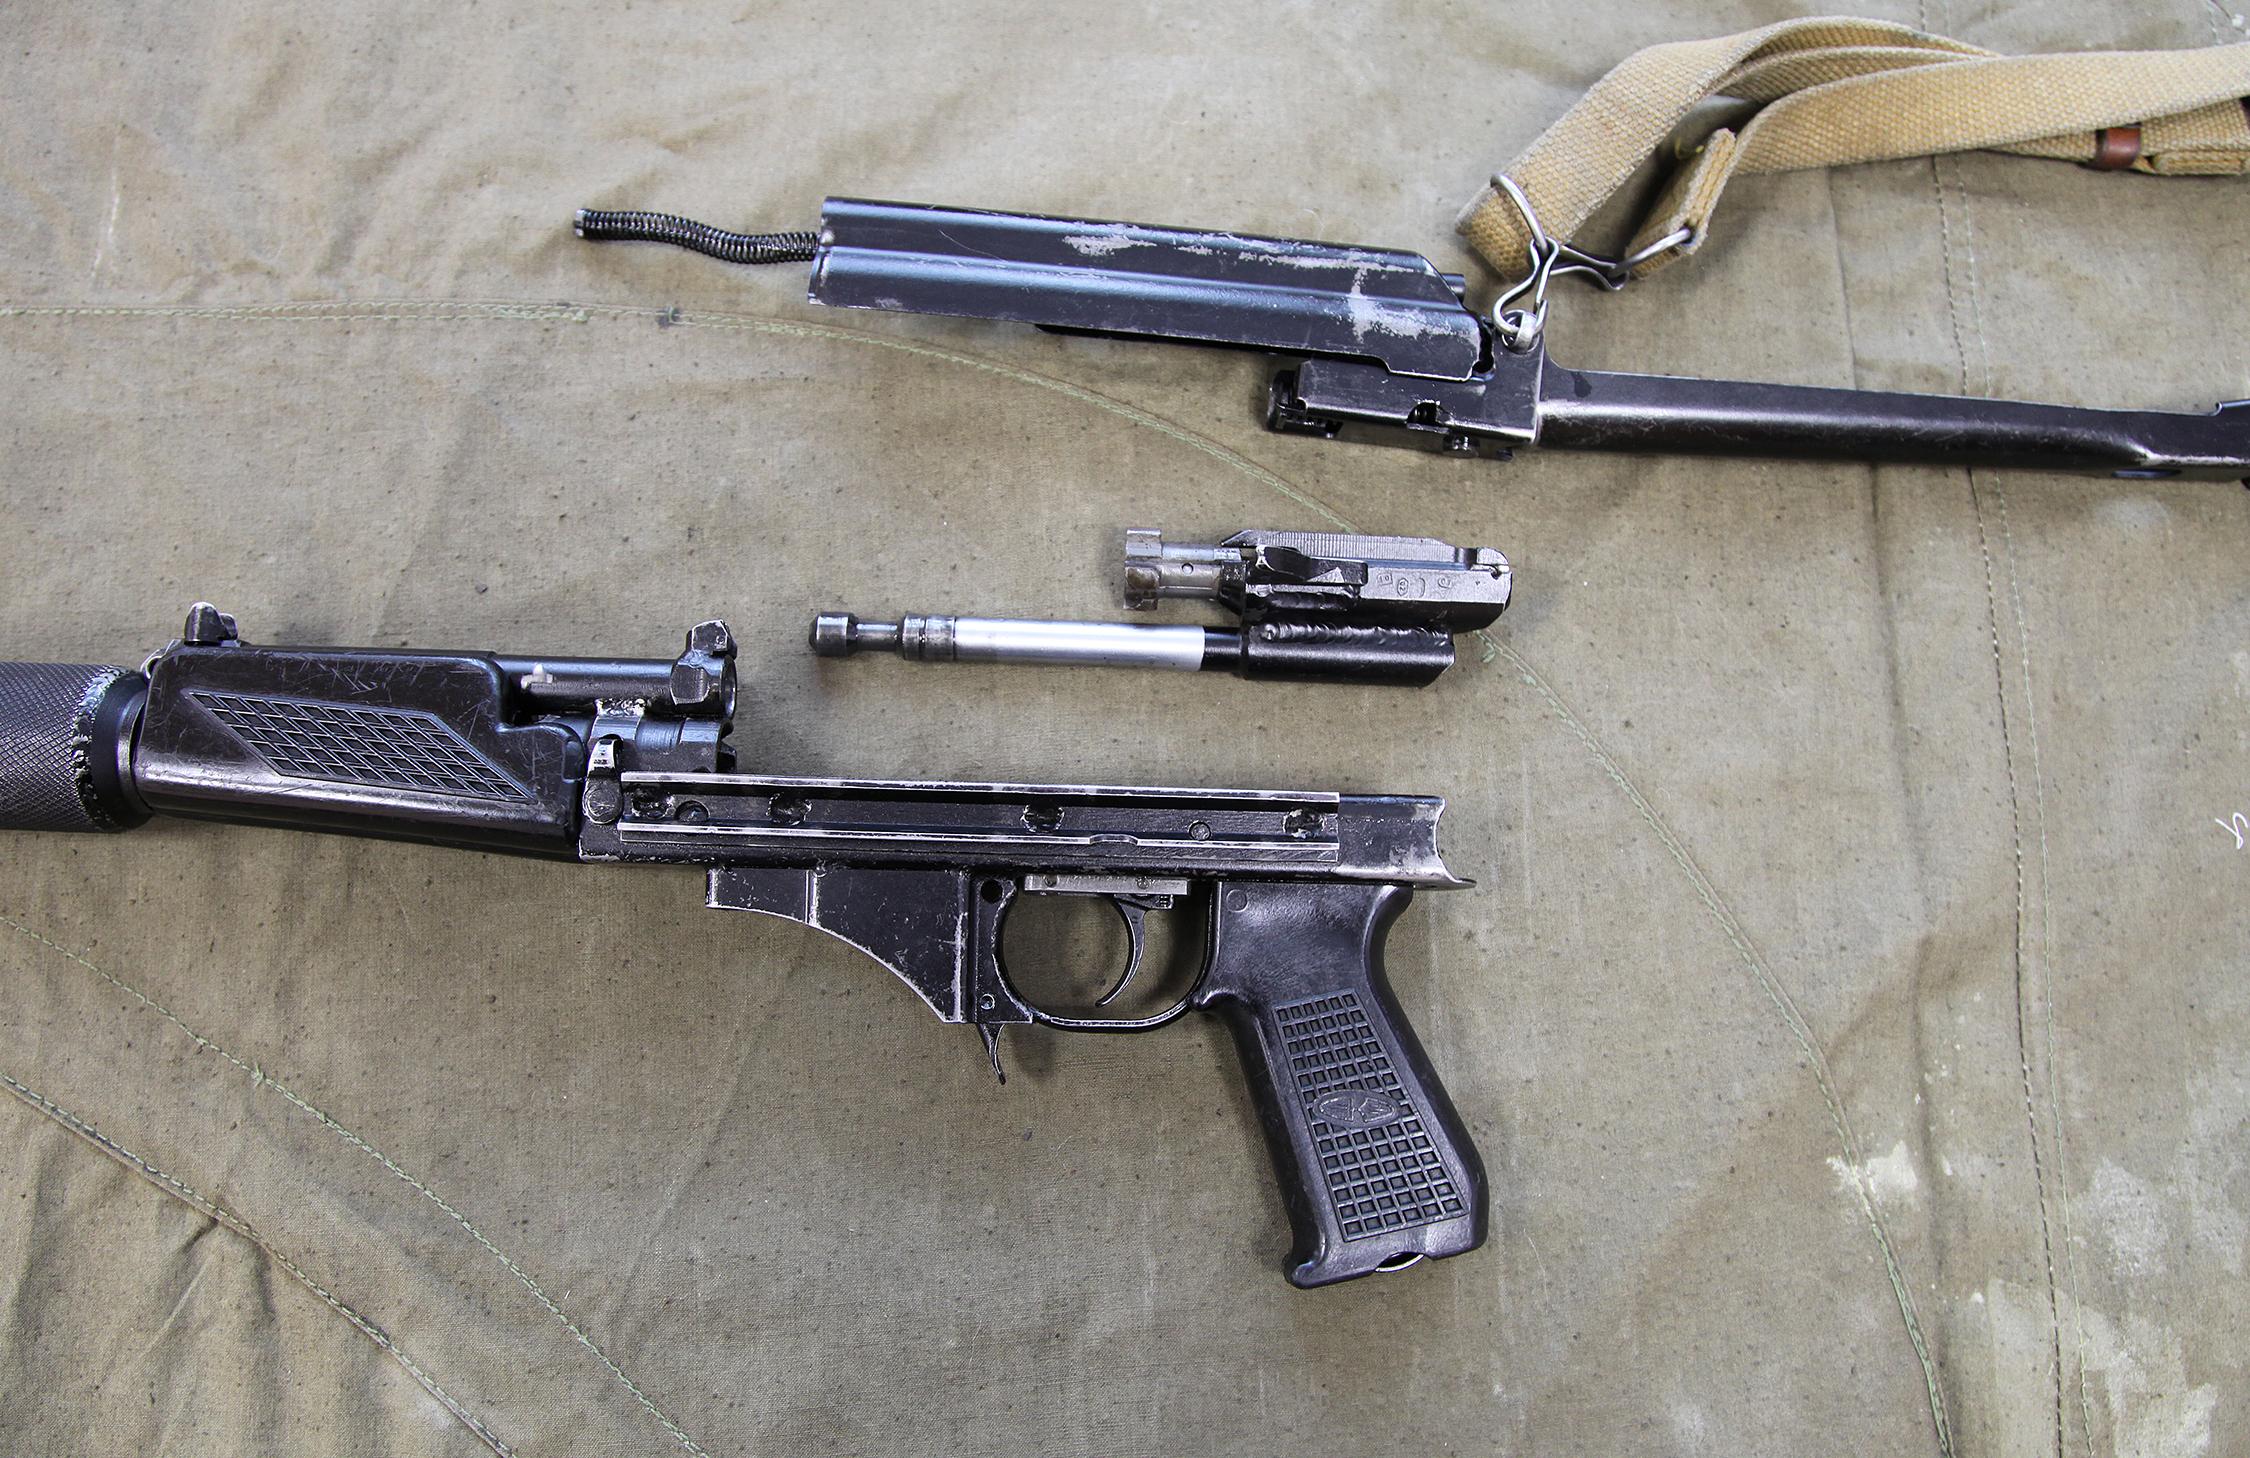 9mm_KBP_9A-91_compact_assault_rifle_-_42